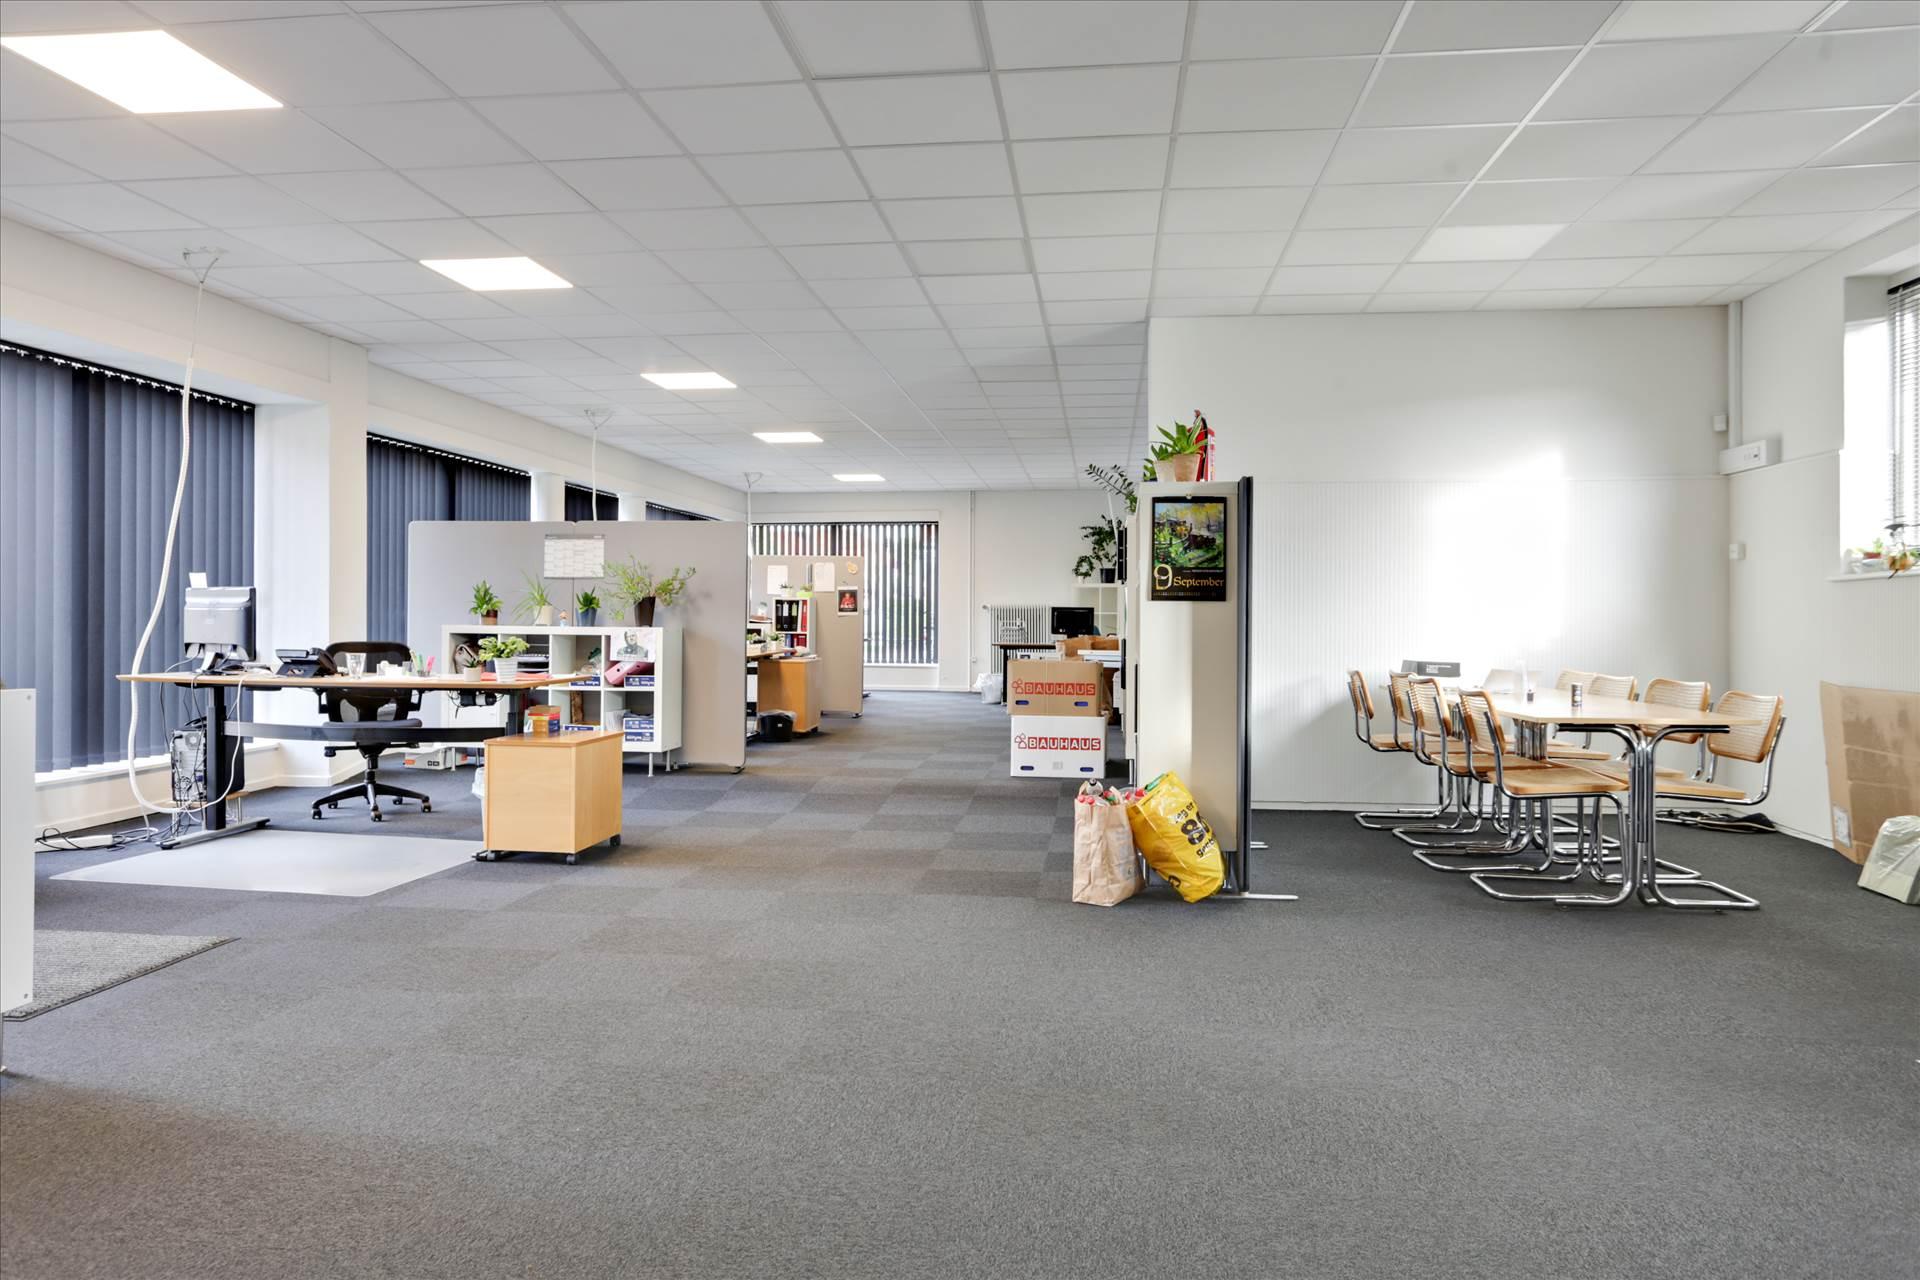 267 m² momsfri kontor • Vanløse